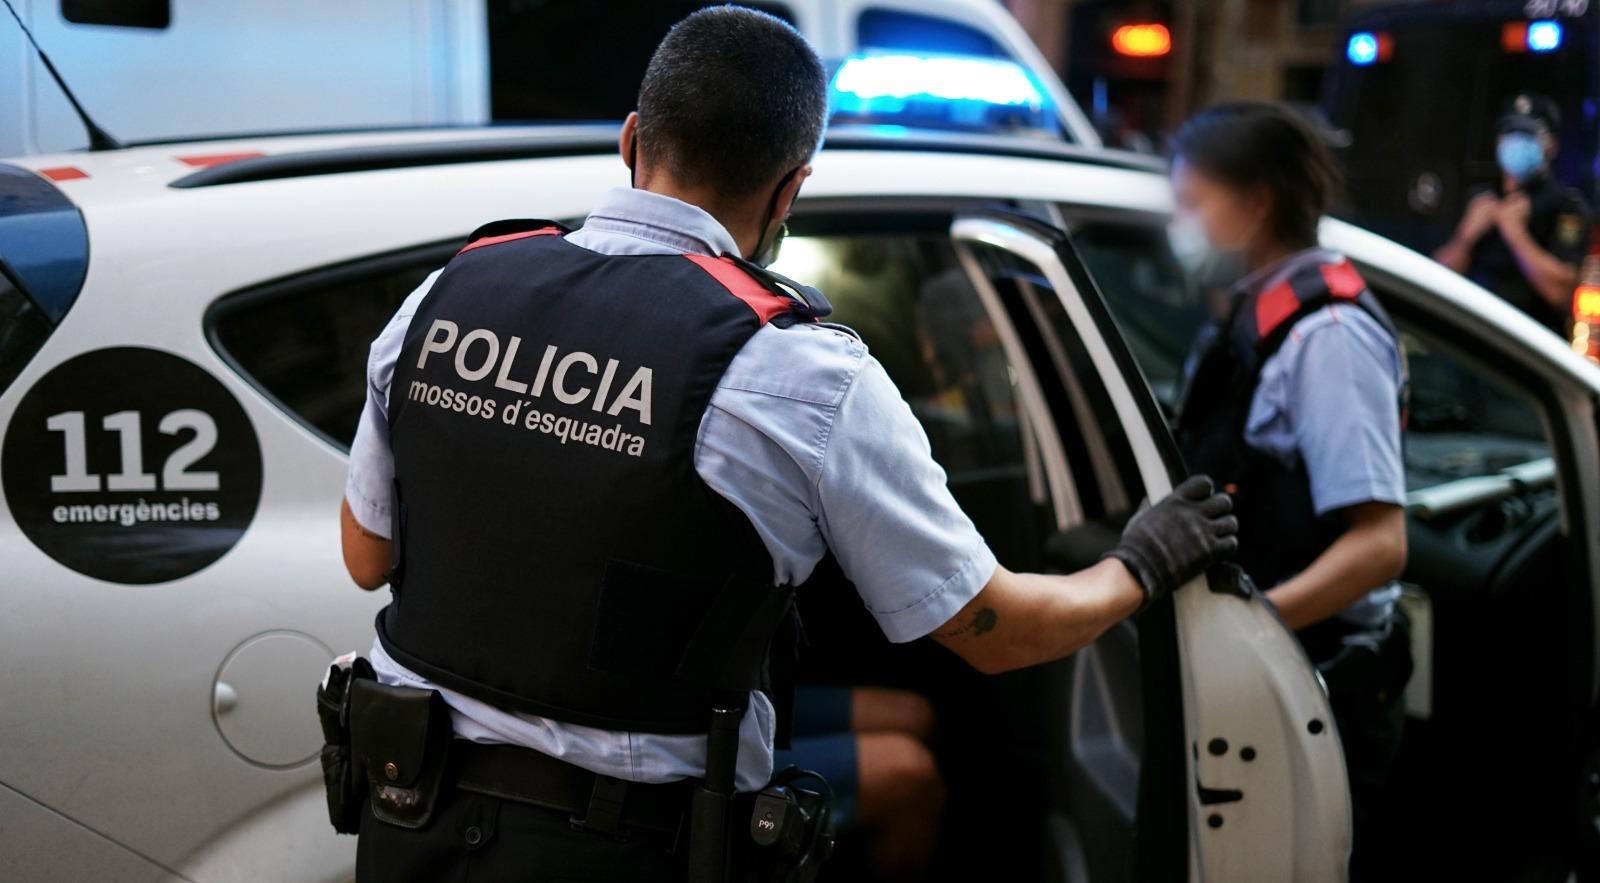 Imatge d'arxiu dels Mossos fent entrar un detingut al cotxe policial / Mossos d'Esquadra